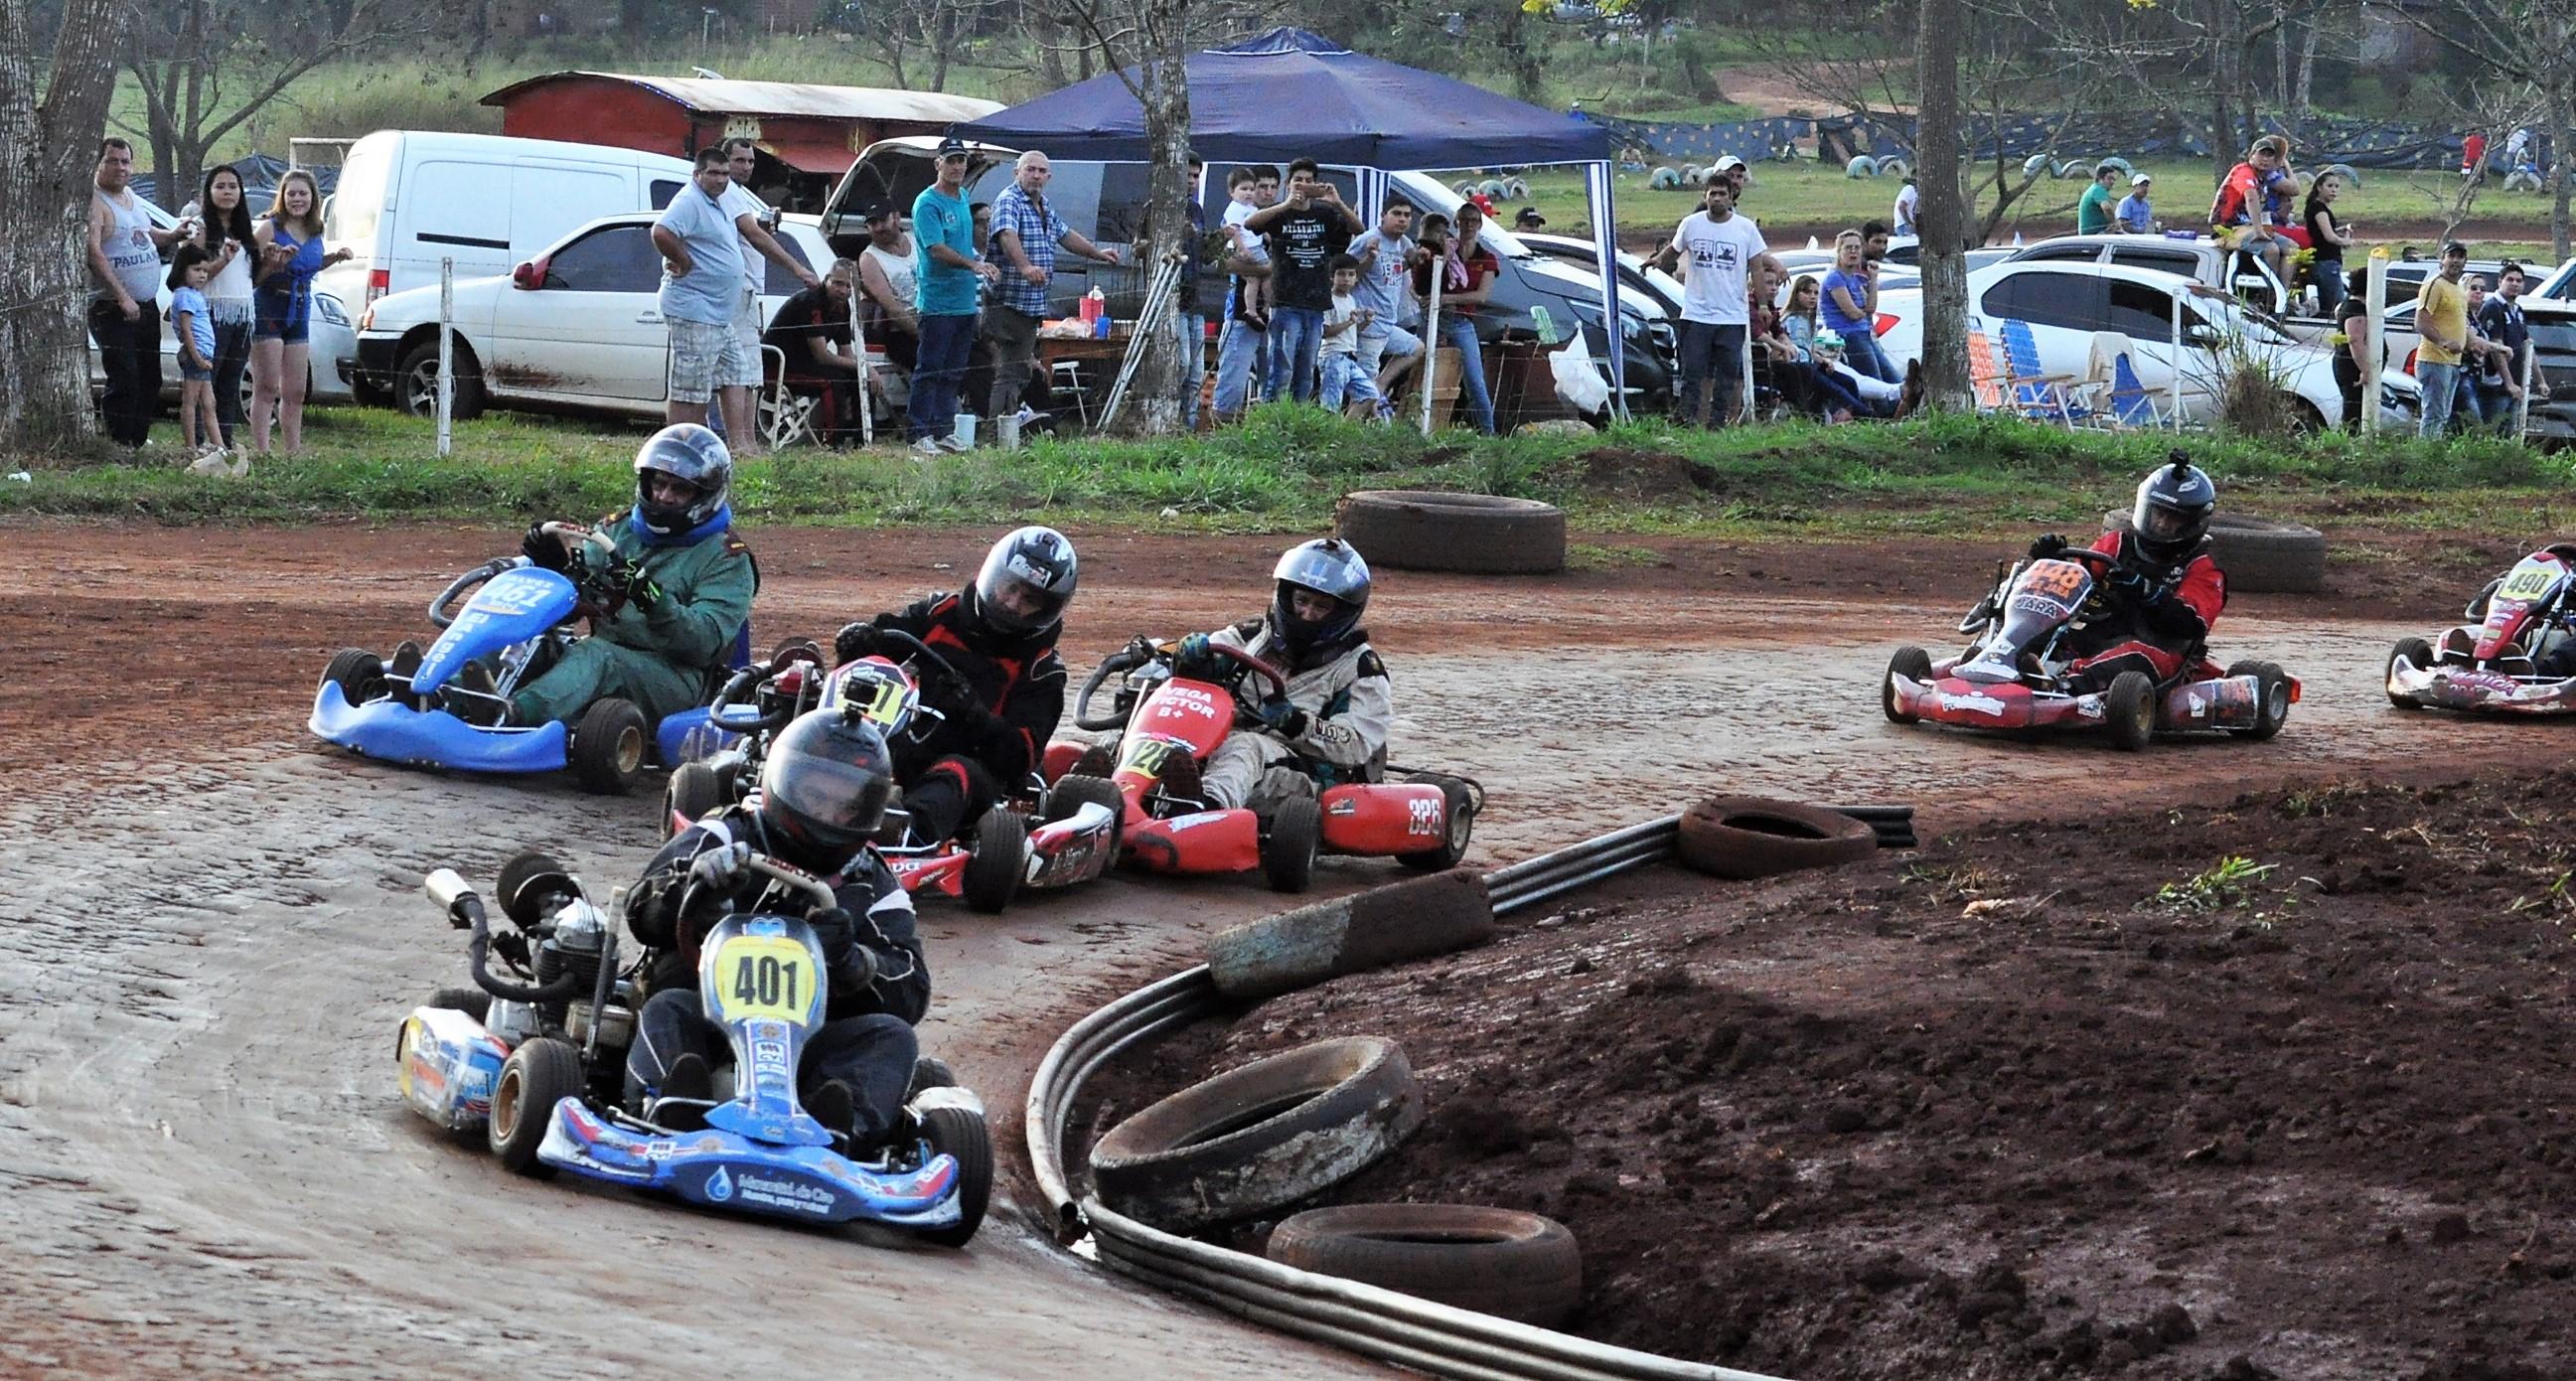 El domingo en Wanda comienza el 2° Campeonato de Karting de la zona Norte